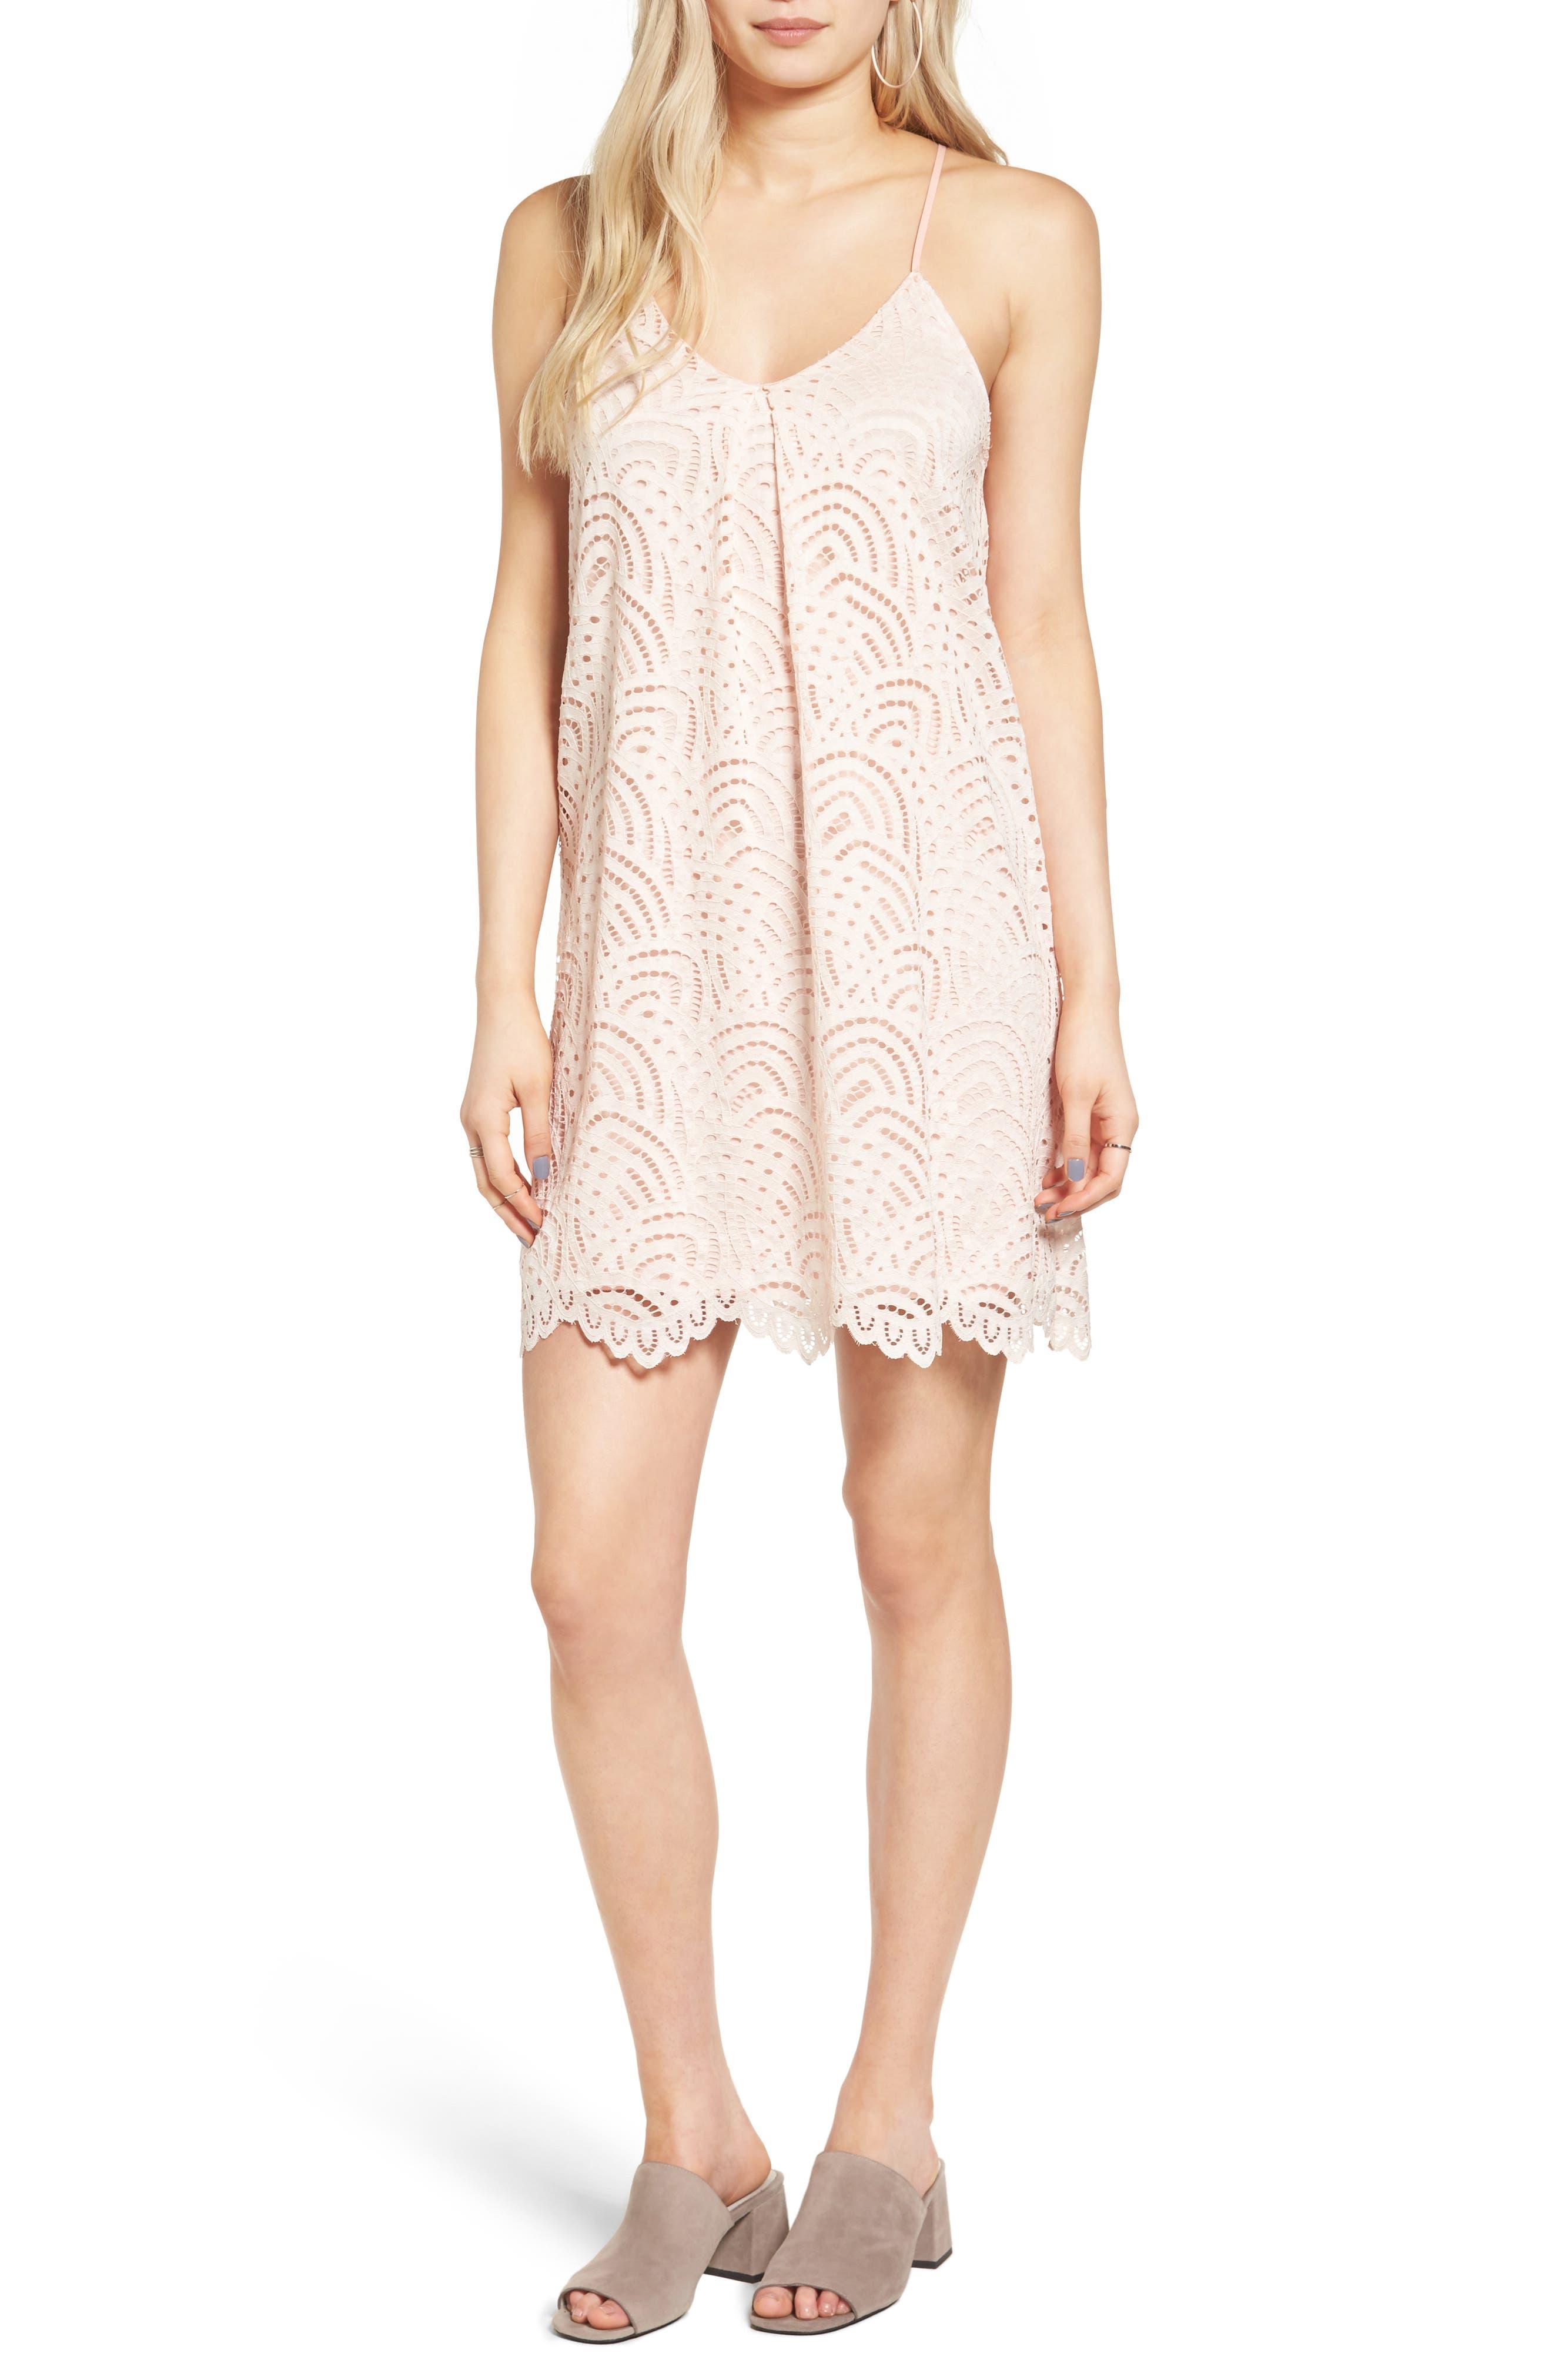 Everly Lace Shift Dress